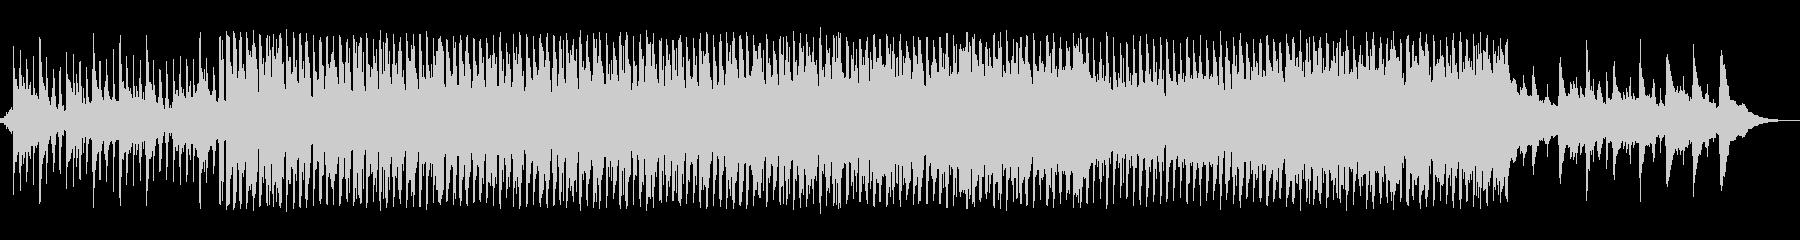 生アコギとピアノが優しいゆったりとした曲の未再生の波形